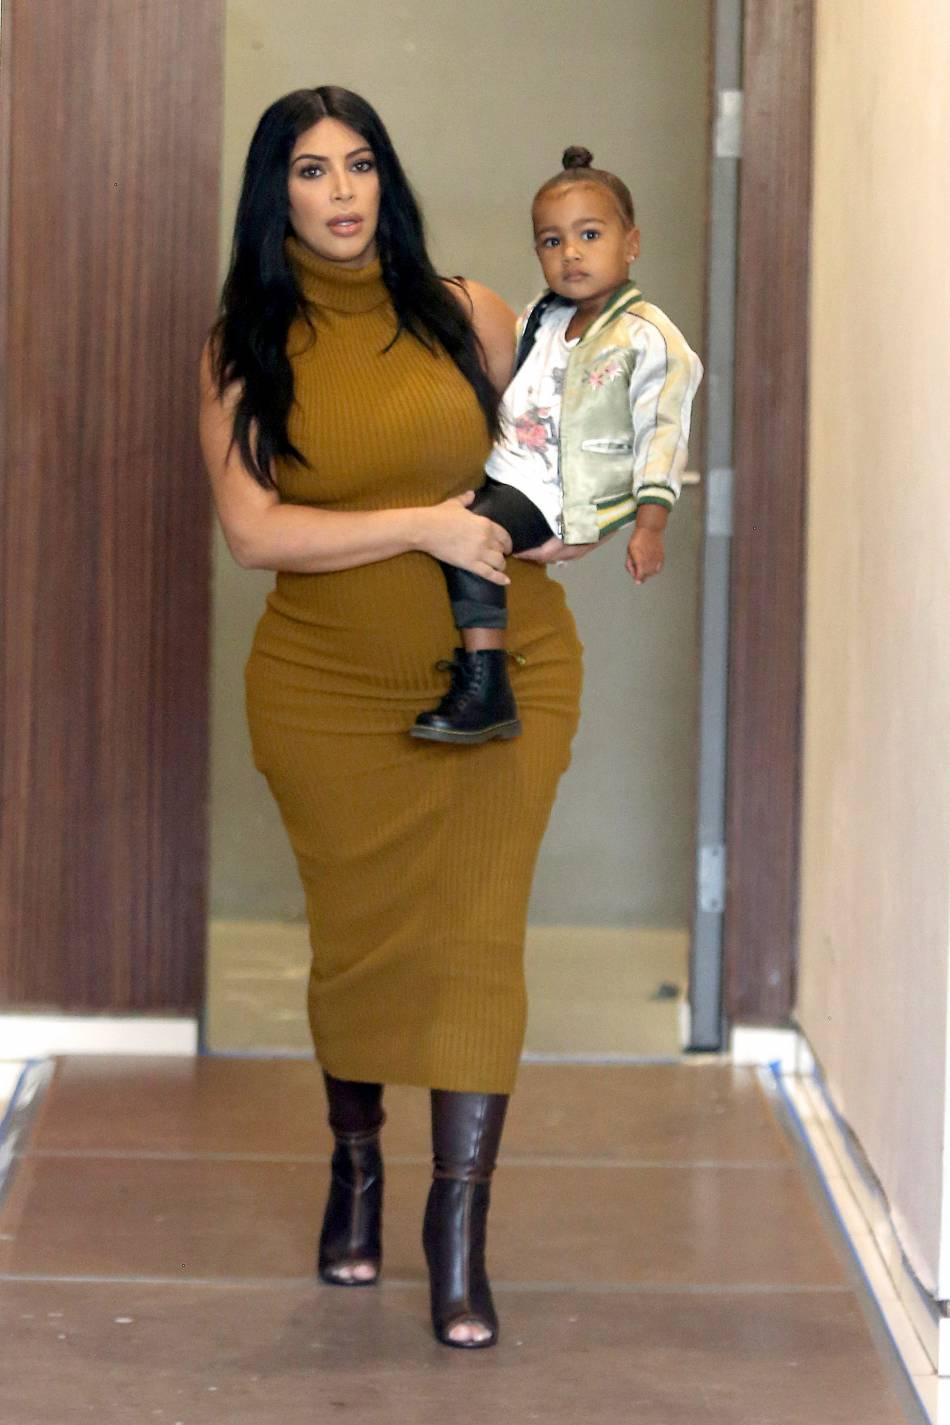 Depuis la naissance de son deuxième enfant, Kim Kardashian ne pense qu'à maigrir.